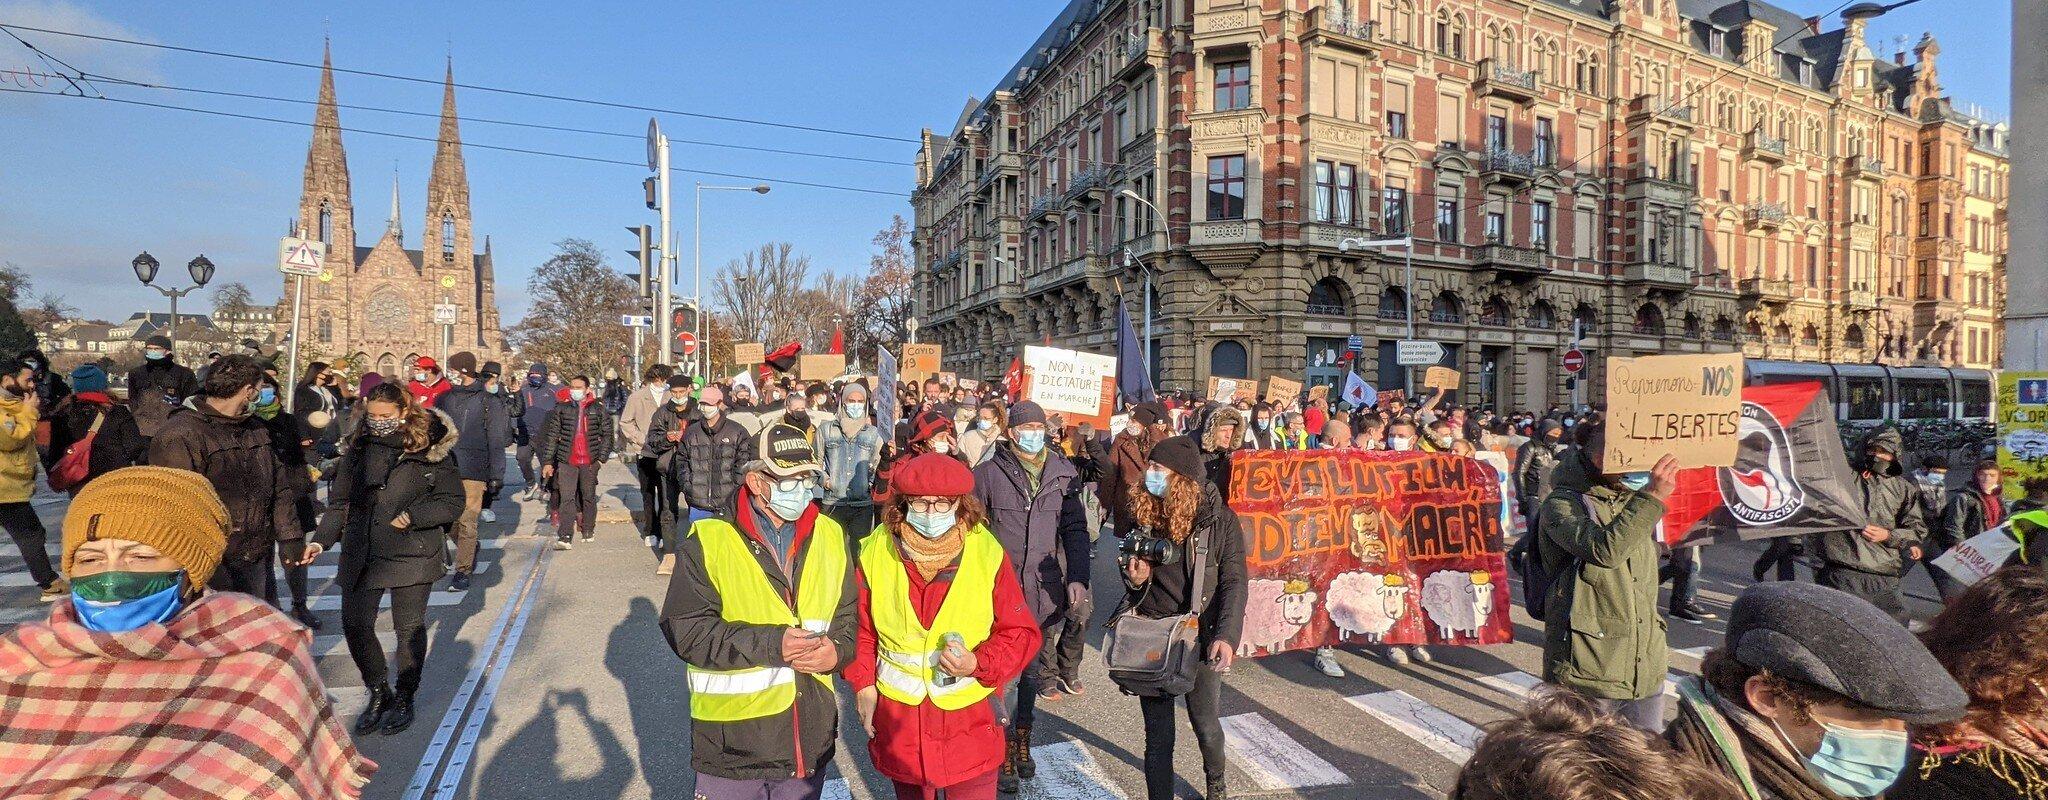 Une manifestation de 24h ce week-end pour protester contre les mesures sécuritaires et sanitaires